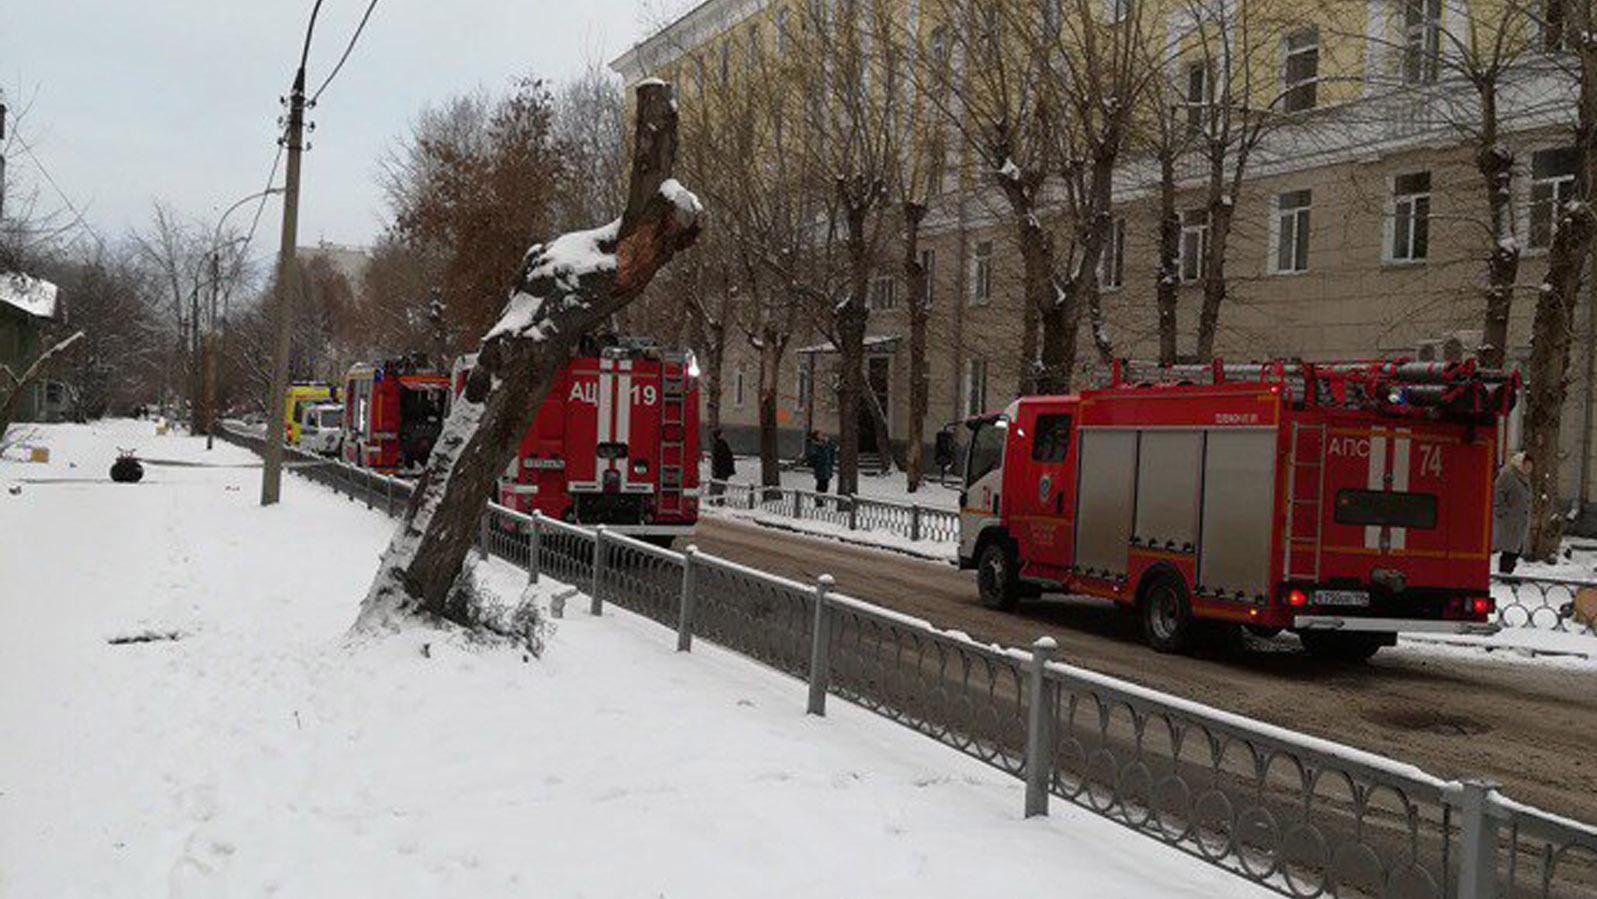 ВЕкатеринбурге из-за пожара наулицу вывели жильцов пятиэтажки